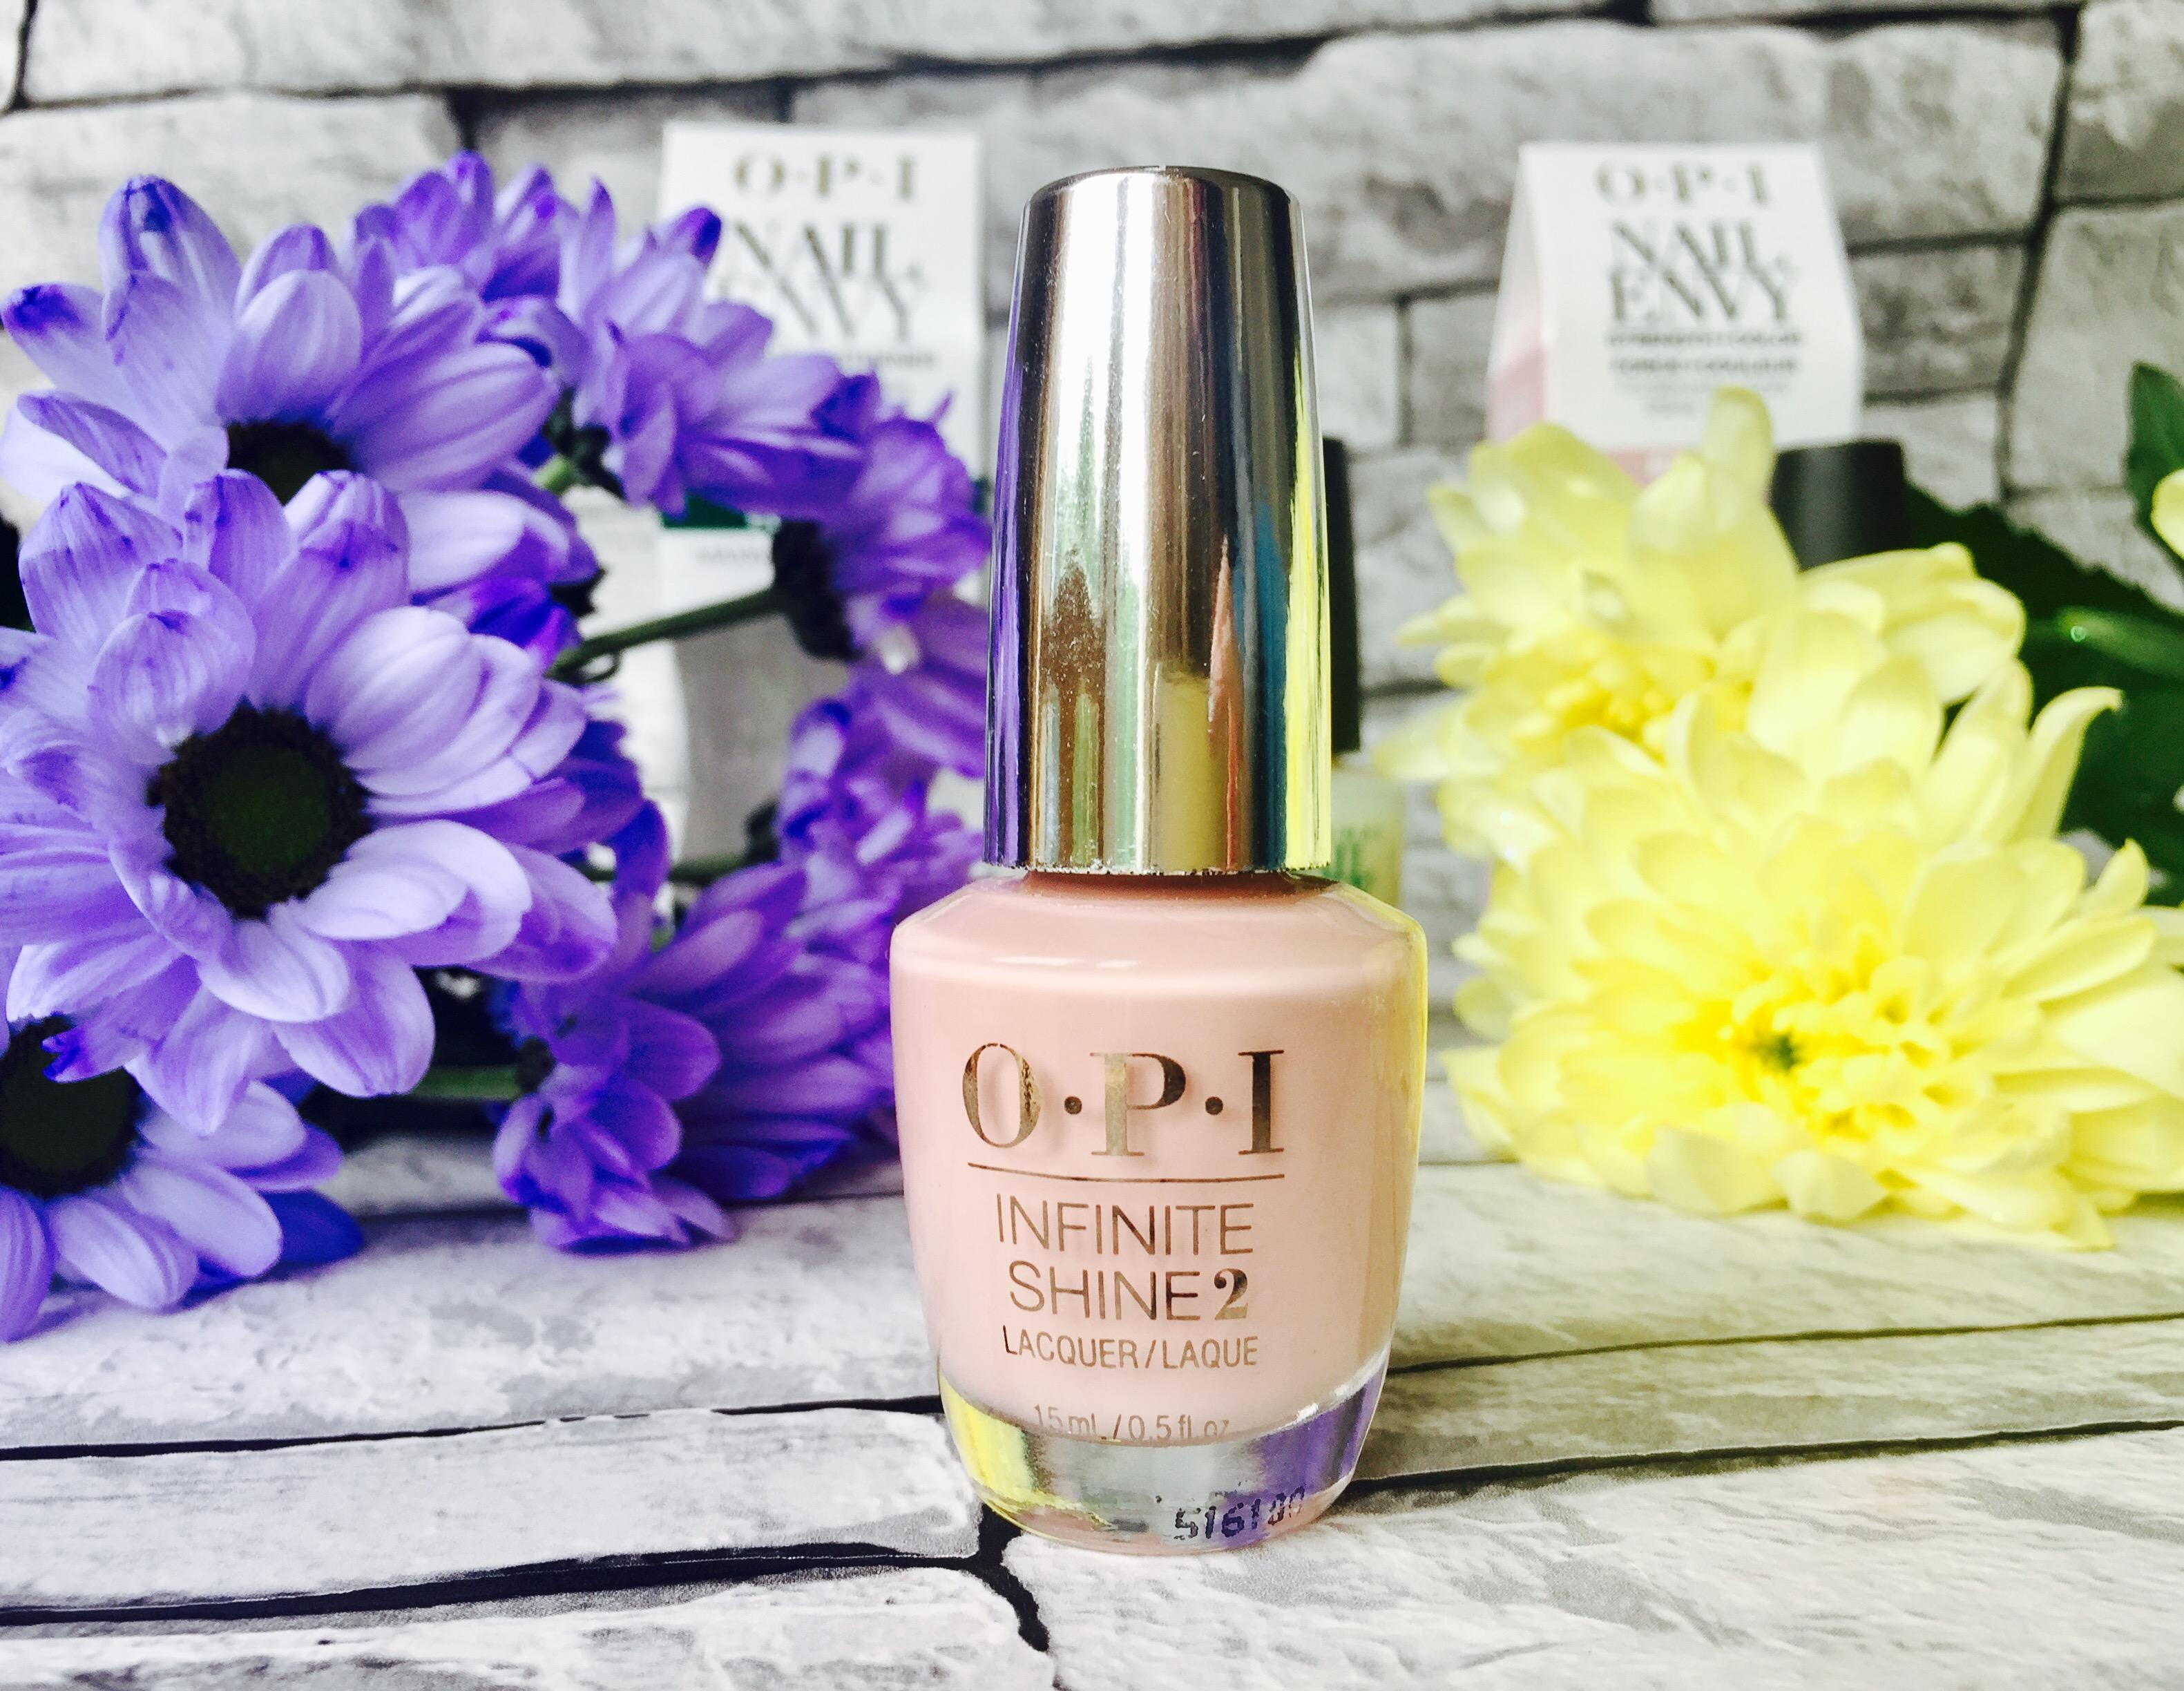 Perfume Click Haul Discount OPI nail polish